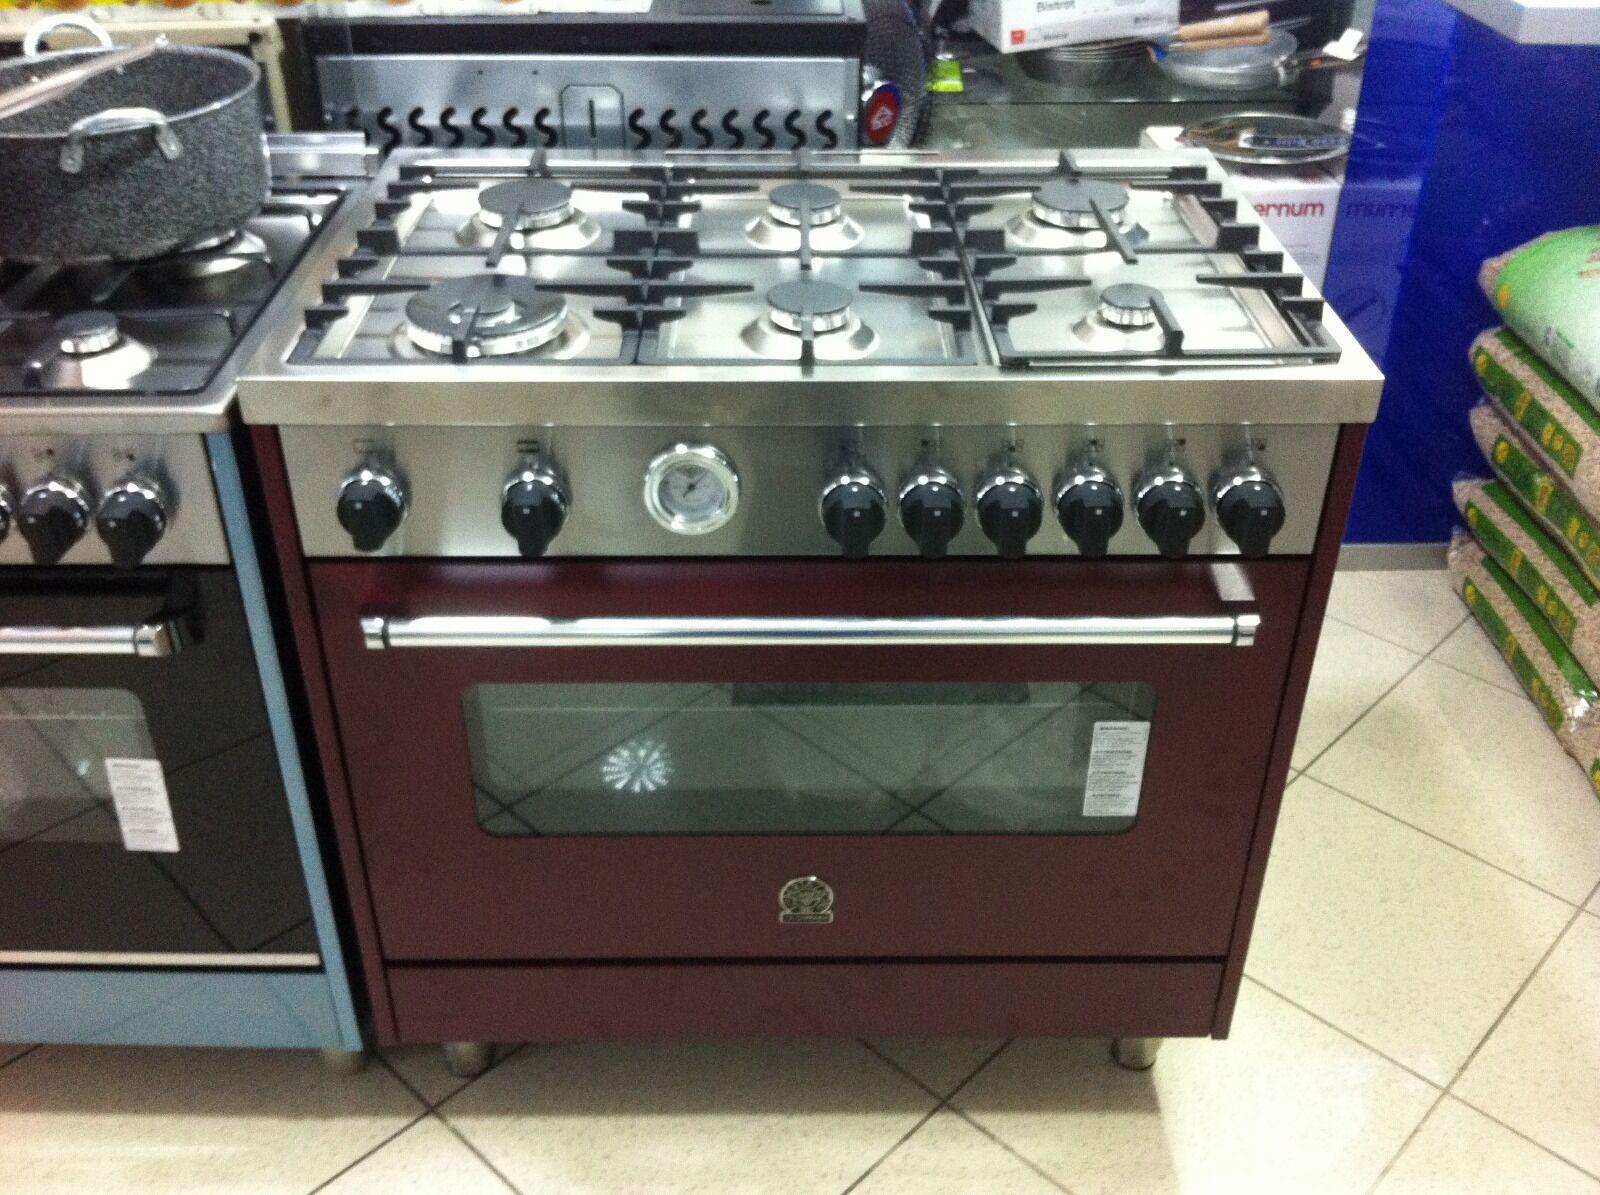 Cucina a gas la germania 90x60 6 fuochi forno gas ventilato da 147 litri eur - Cucina a gas da 90 ...